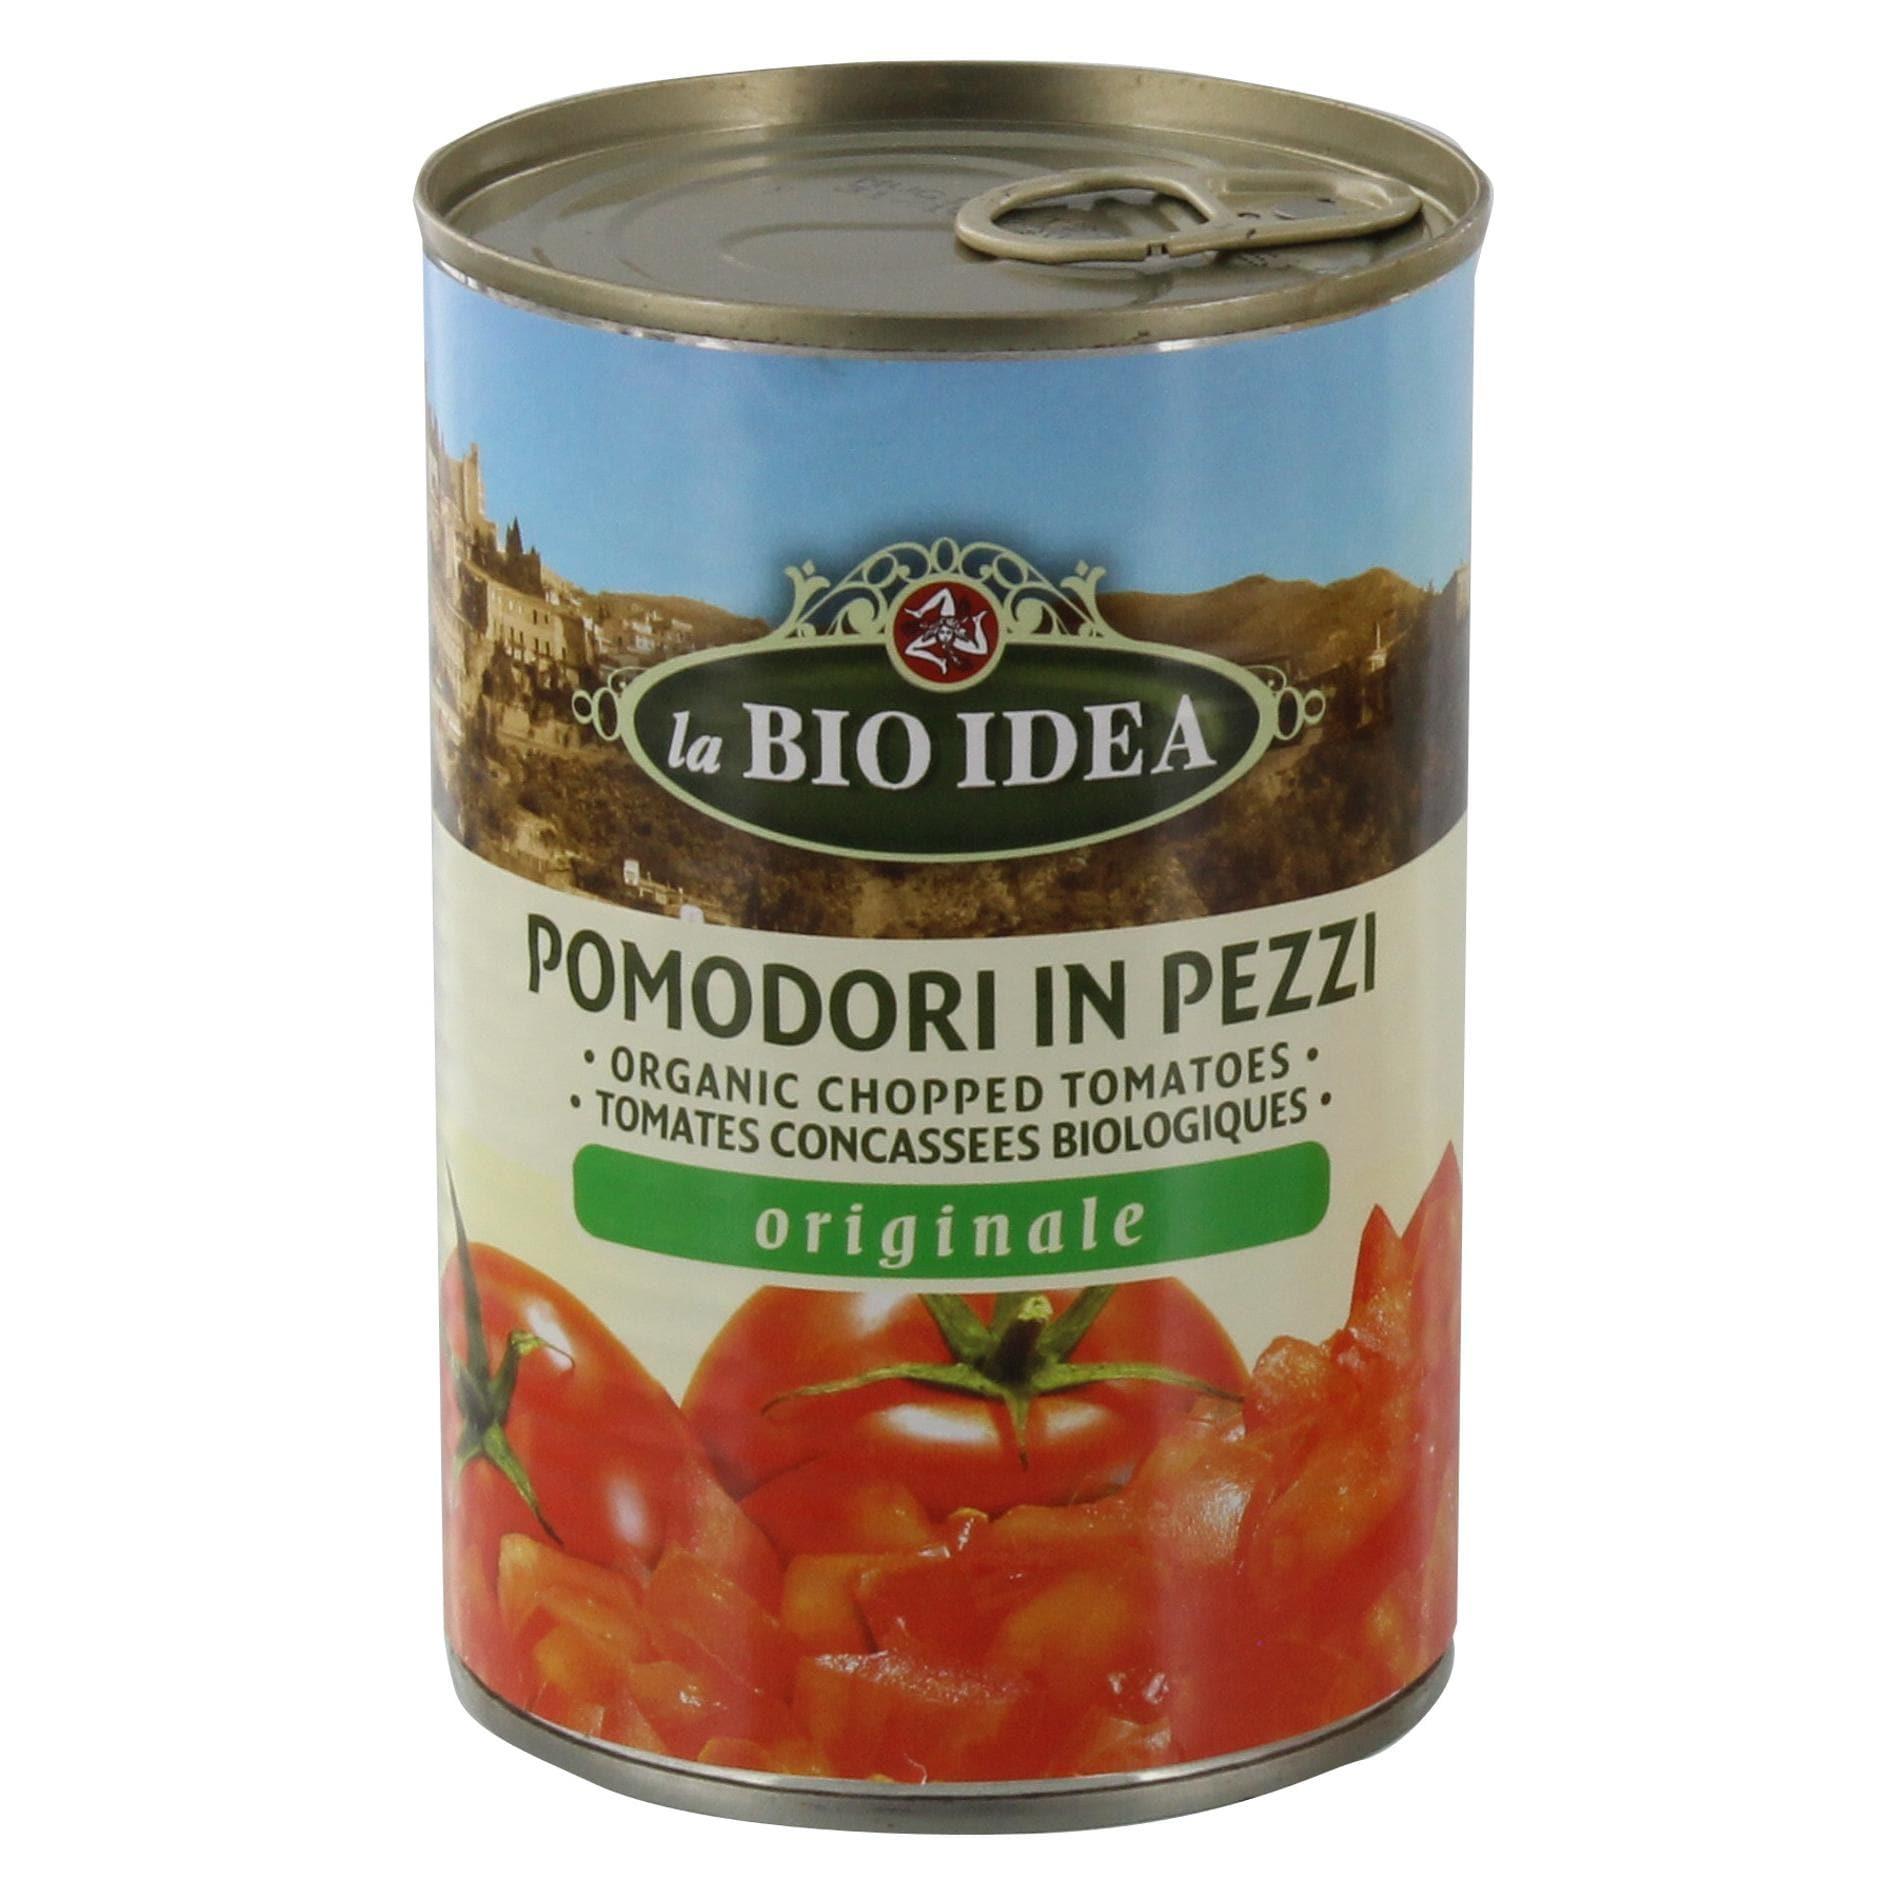 La Bio Idea Pomodori In Pezzi Originale Tomatenstückchen 400g